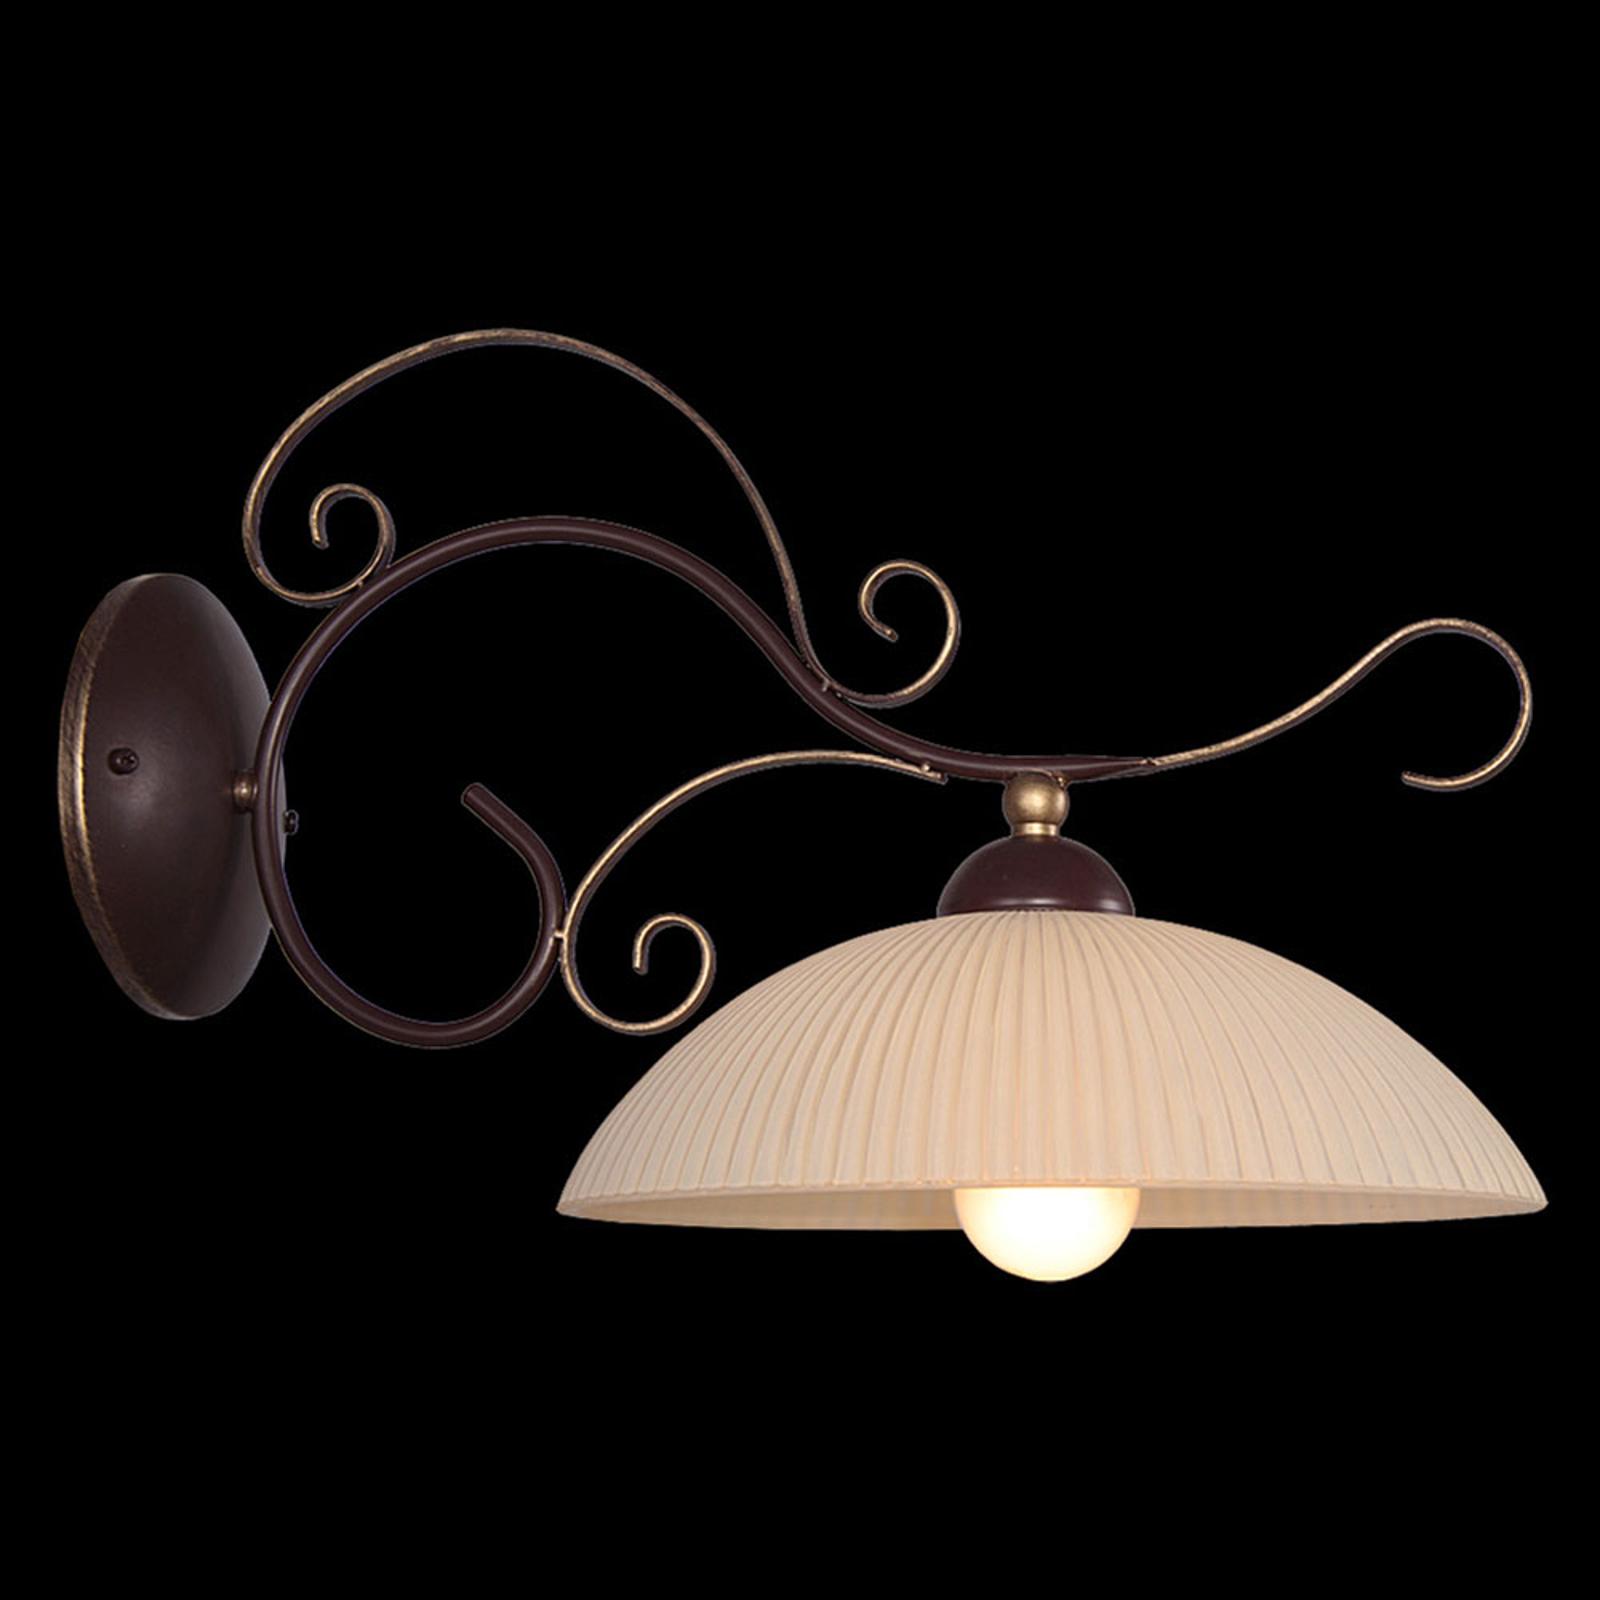 Idella - formsmuk og håndmalet væglampe